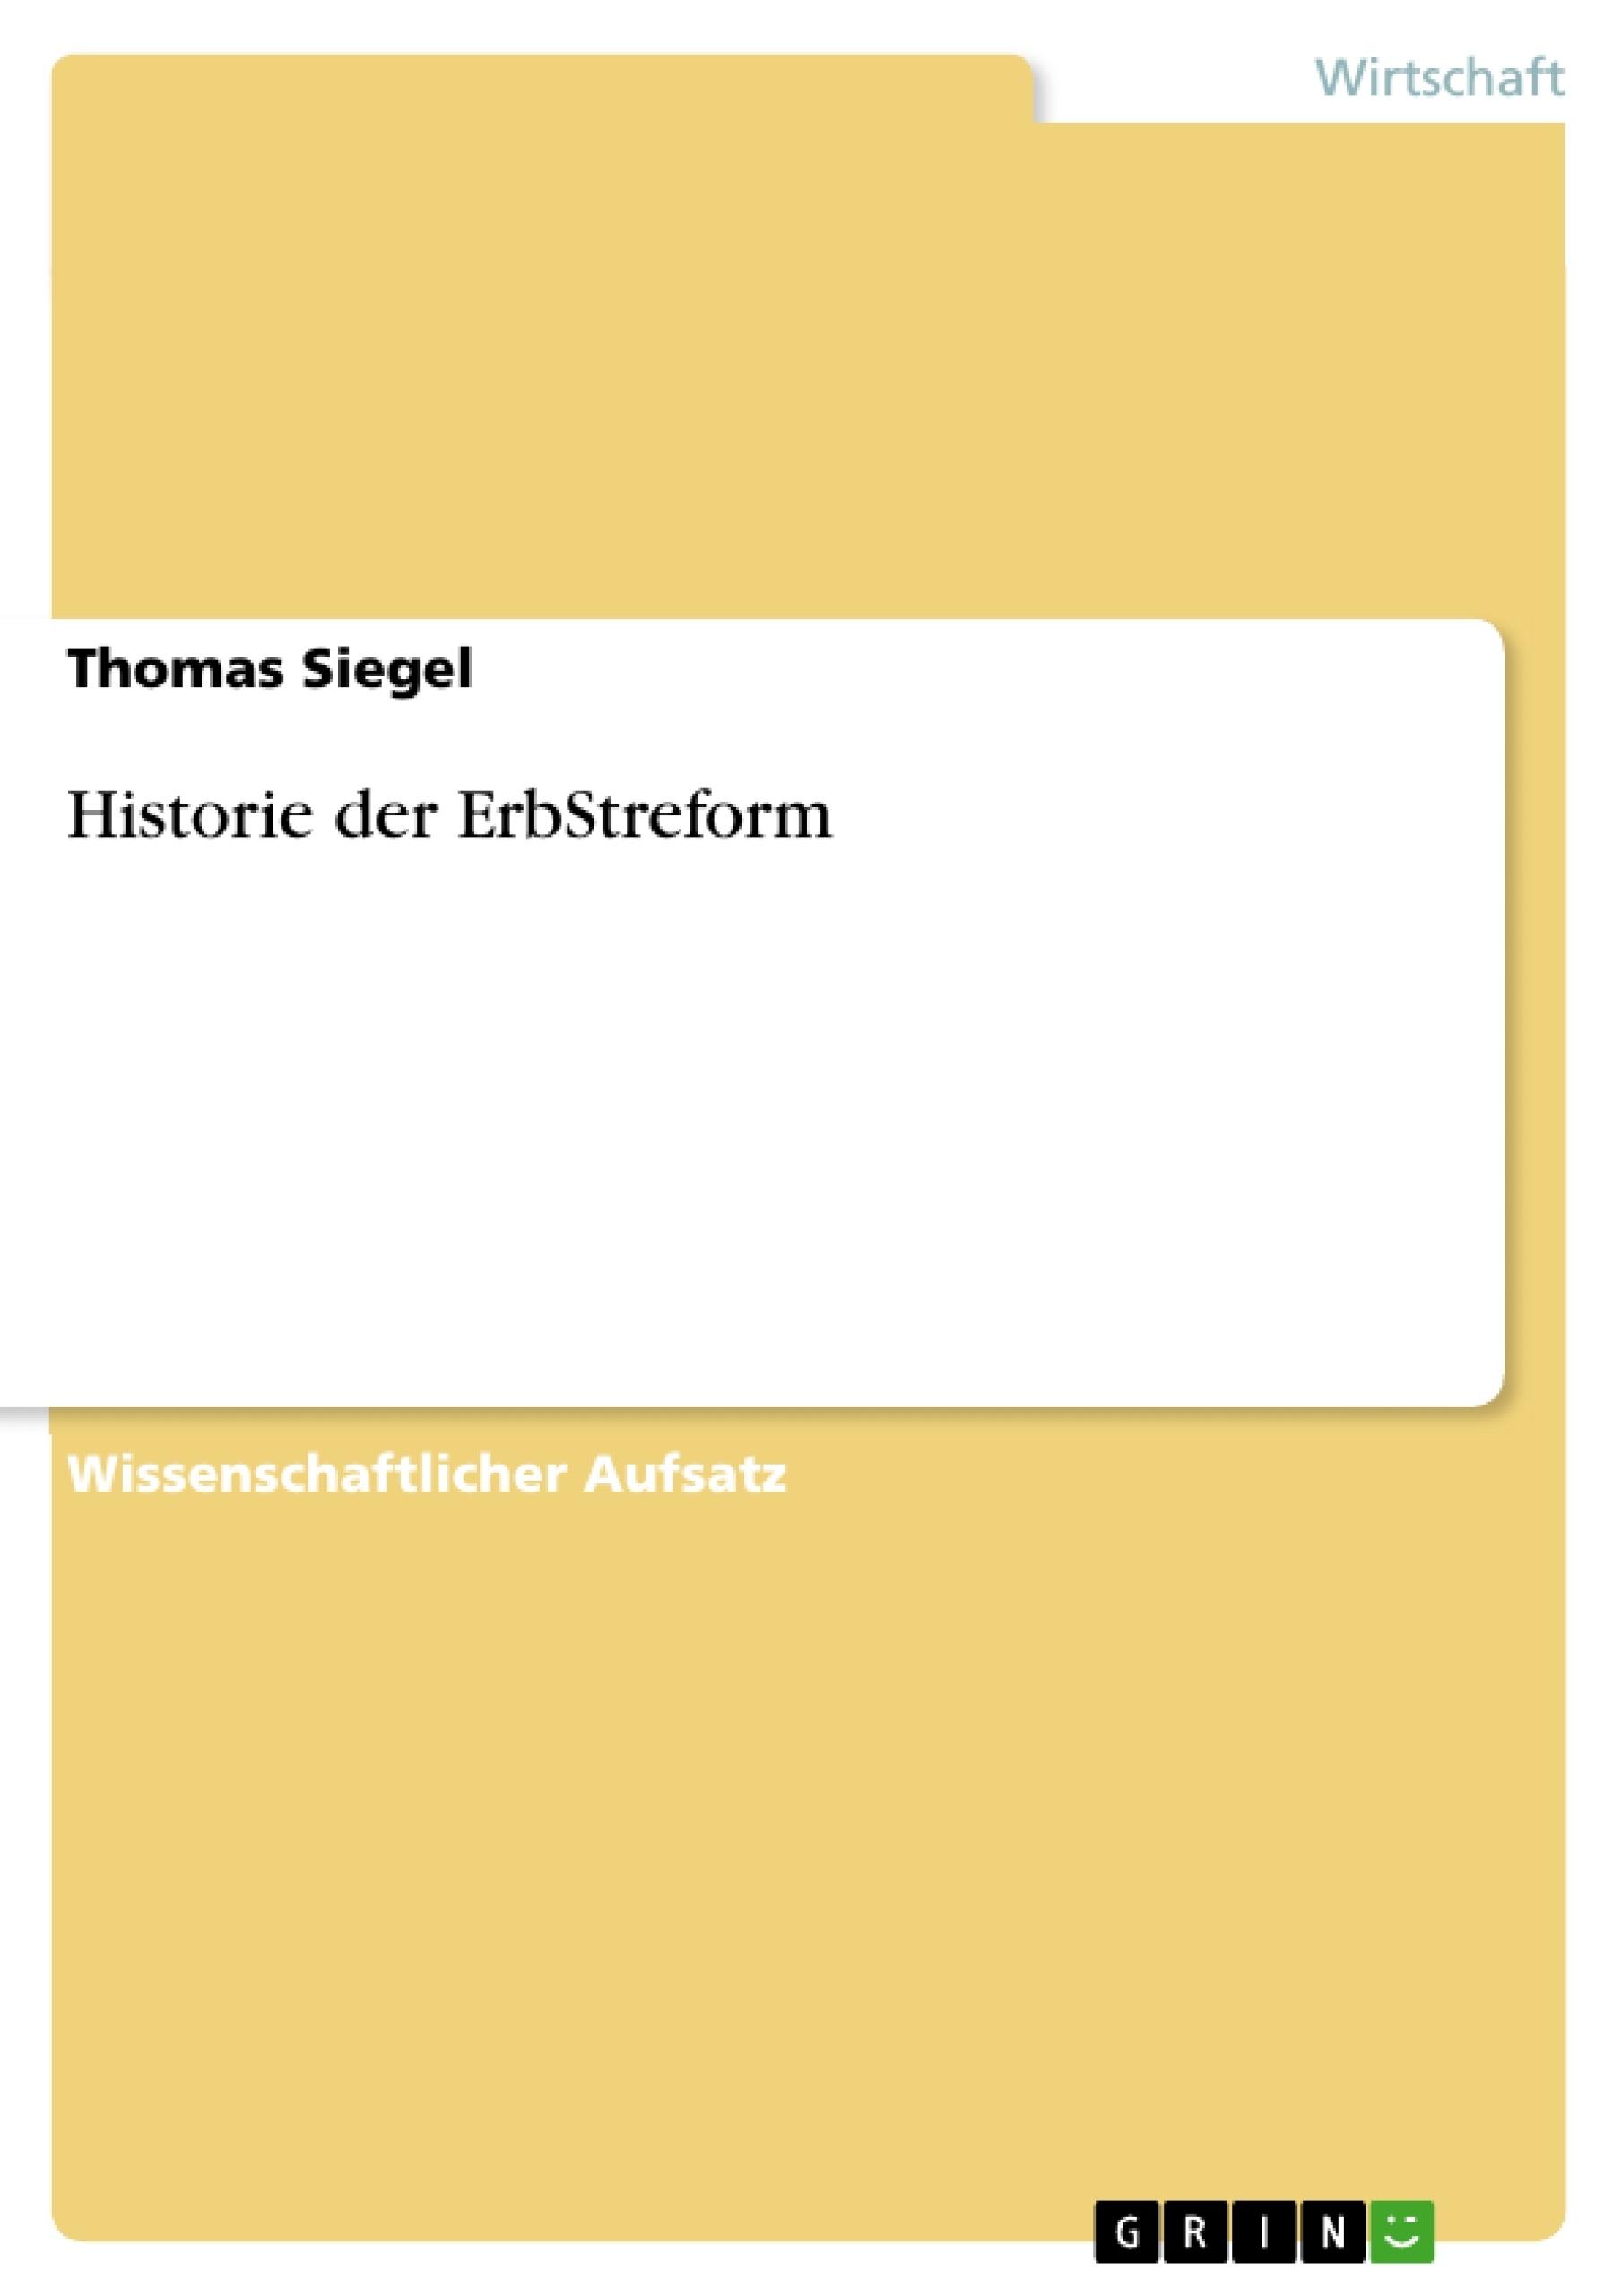 Titel: Historie der ErbStreform